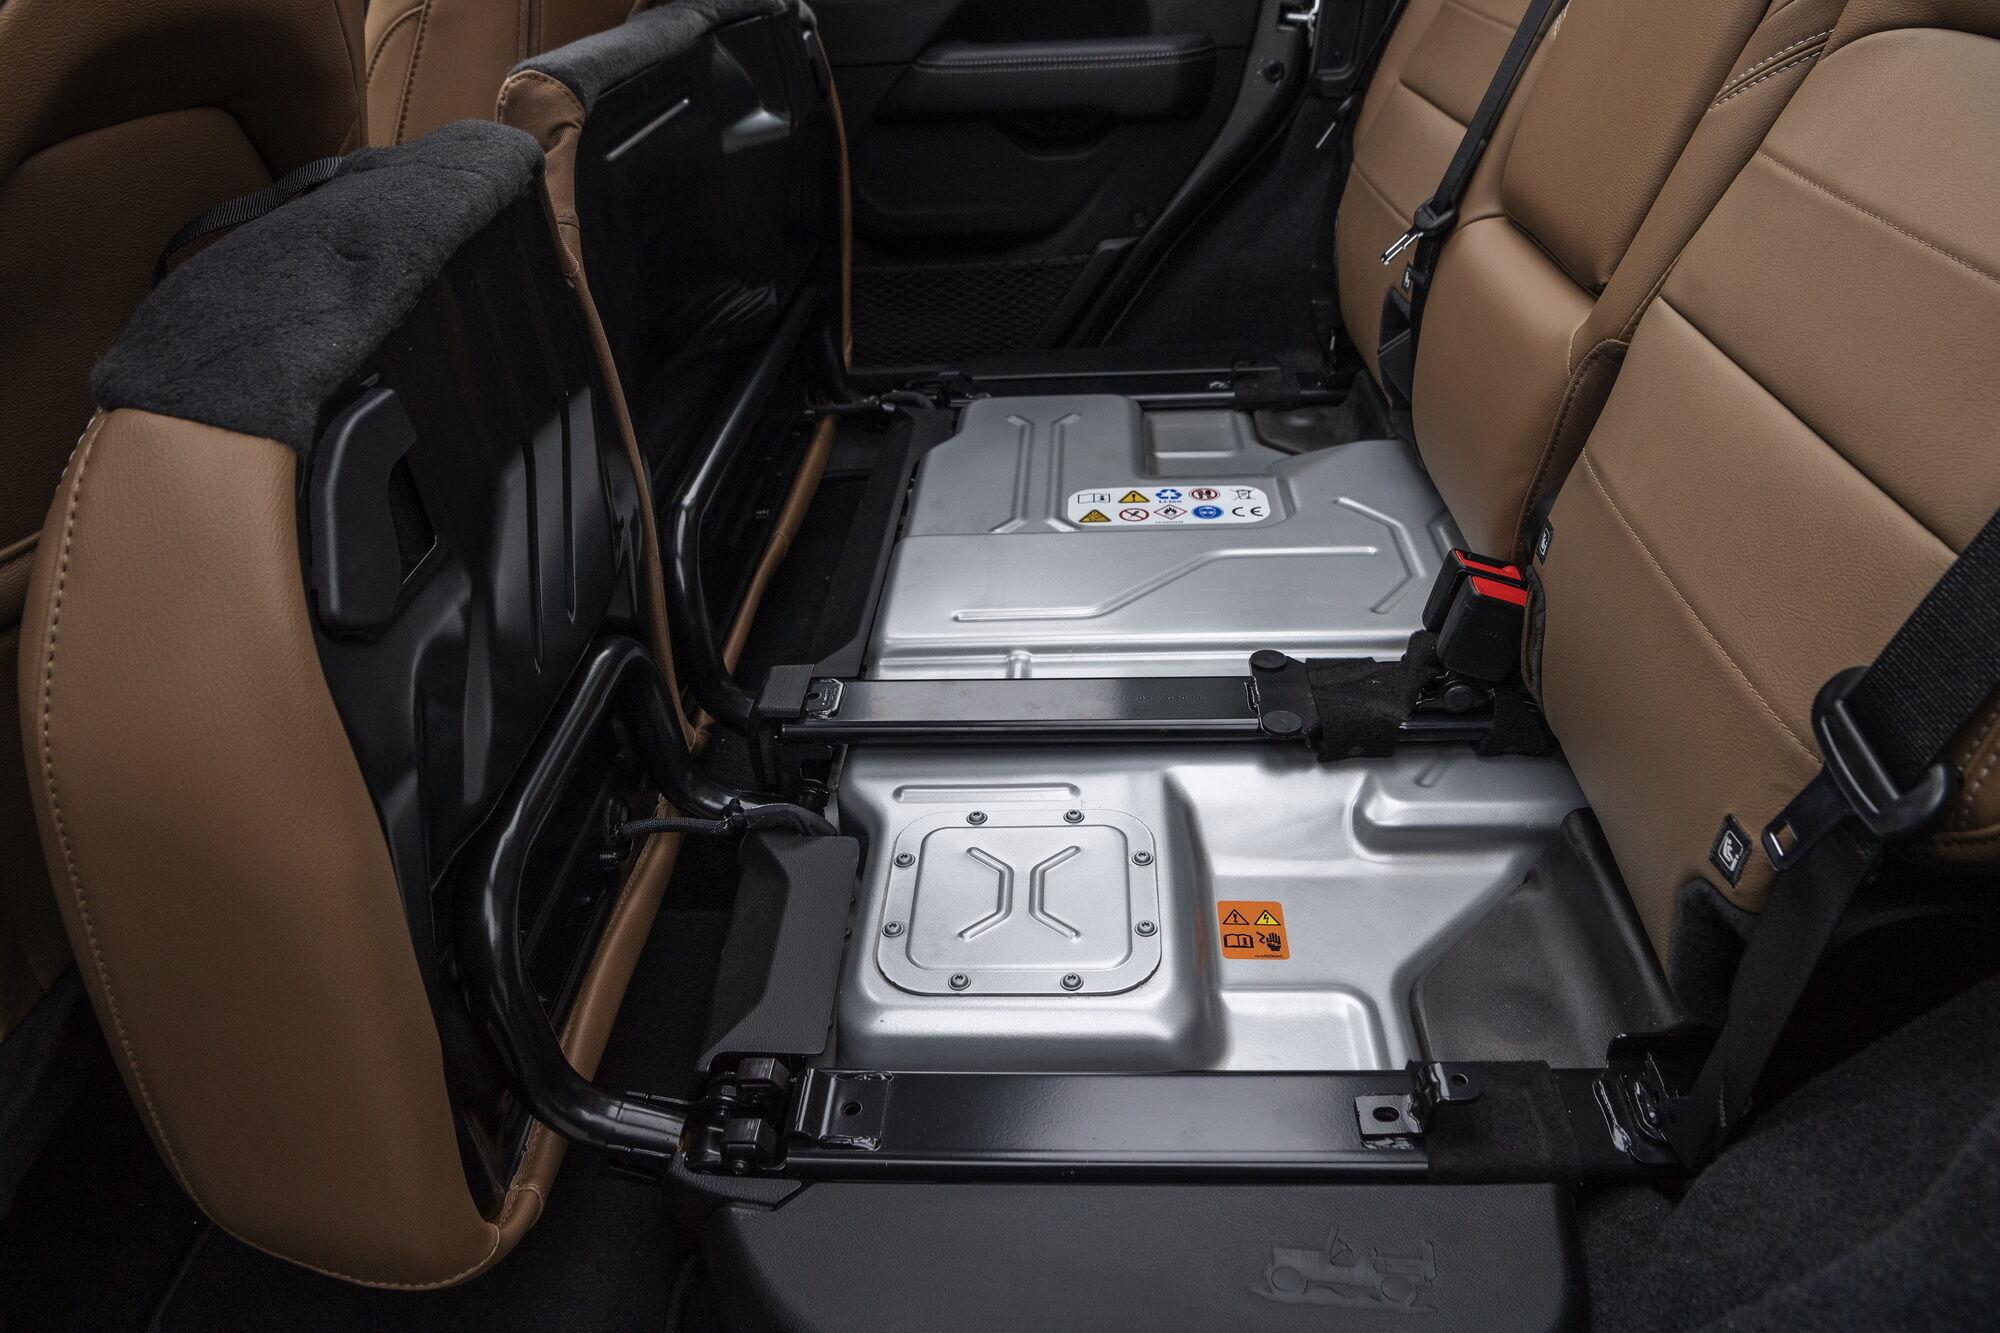 Харчування для електромоторів забезпечує розташована під заднім рядом сидінь батарея на 17 кВтг